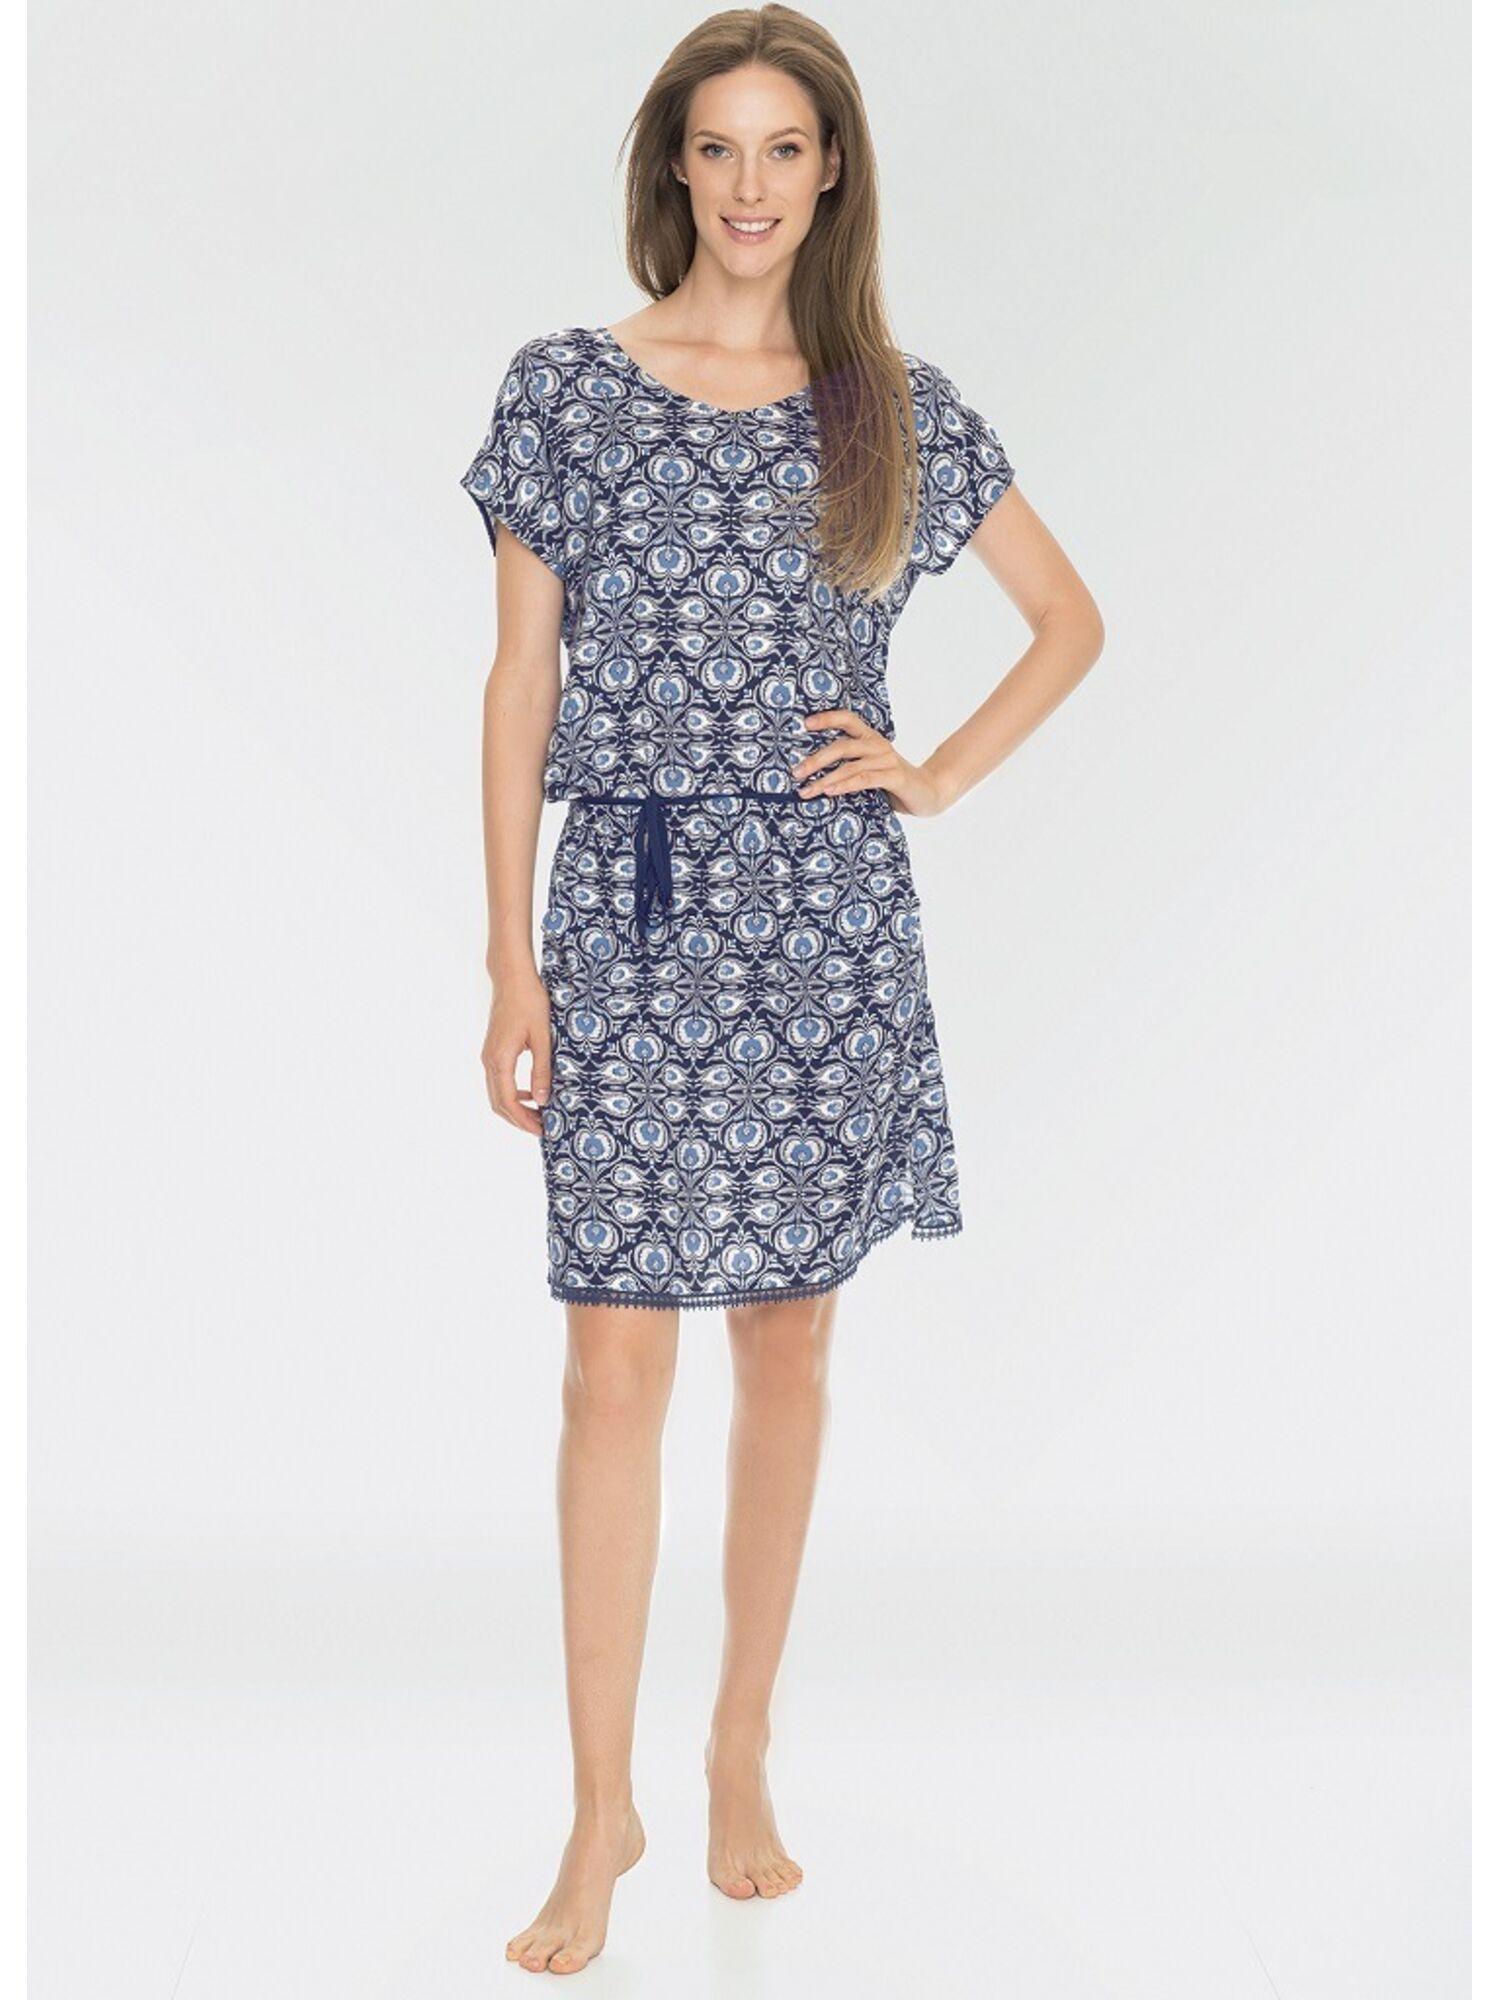 Платье женское LHT 578 19 синий